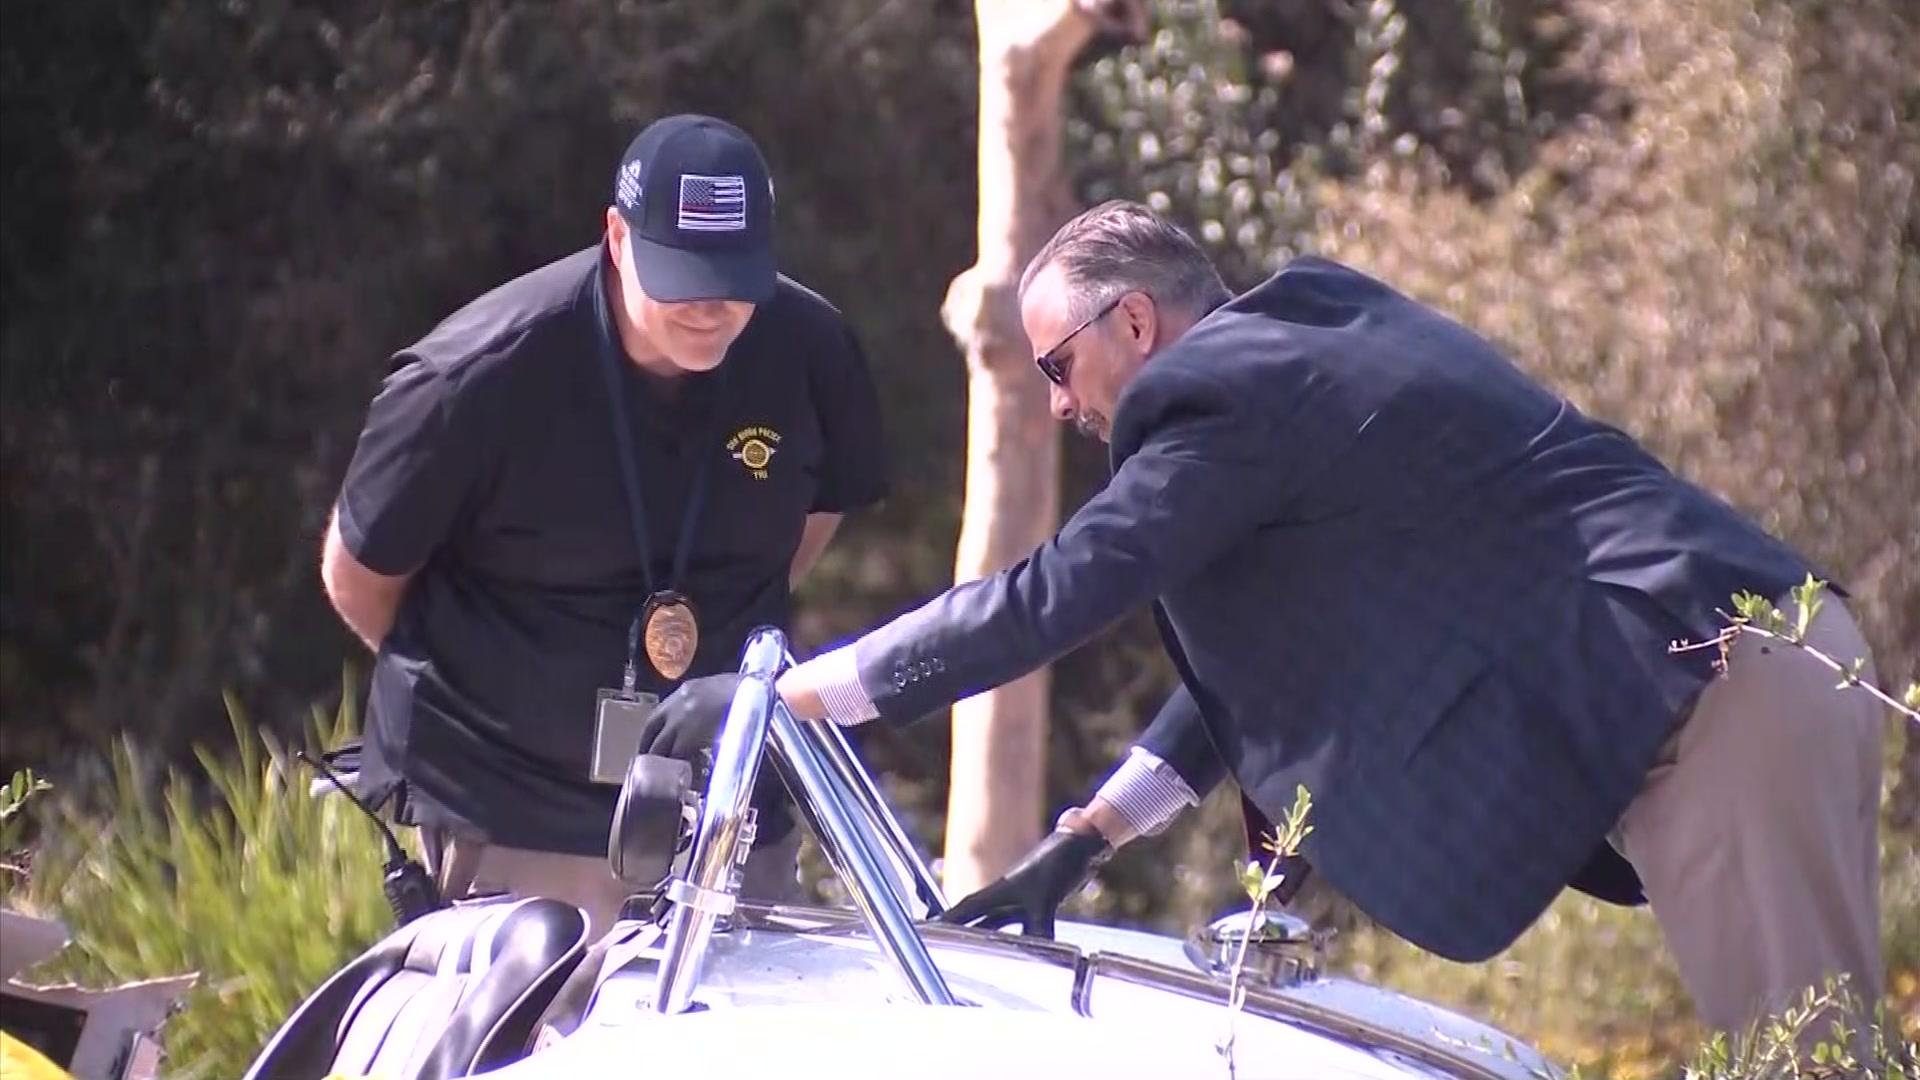 Investigators inspect crash